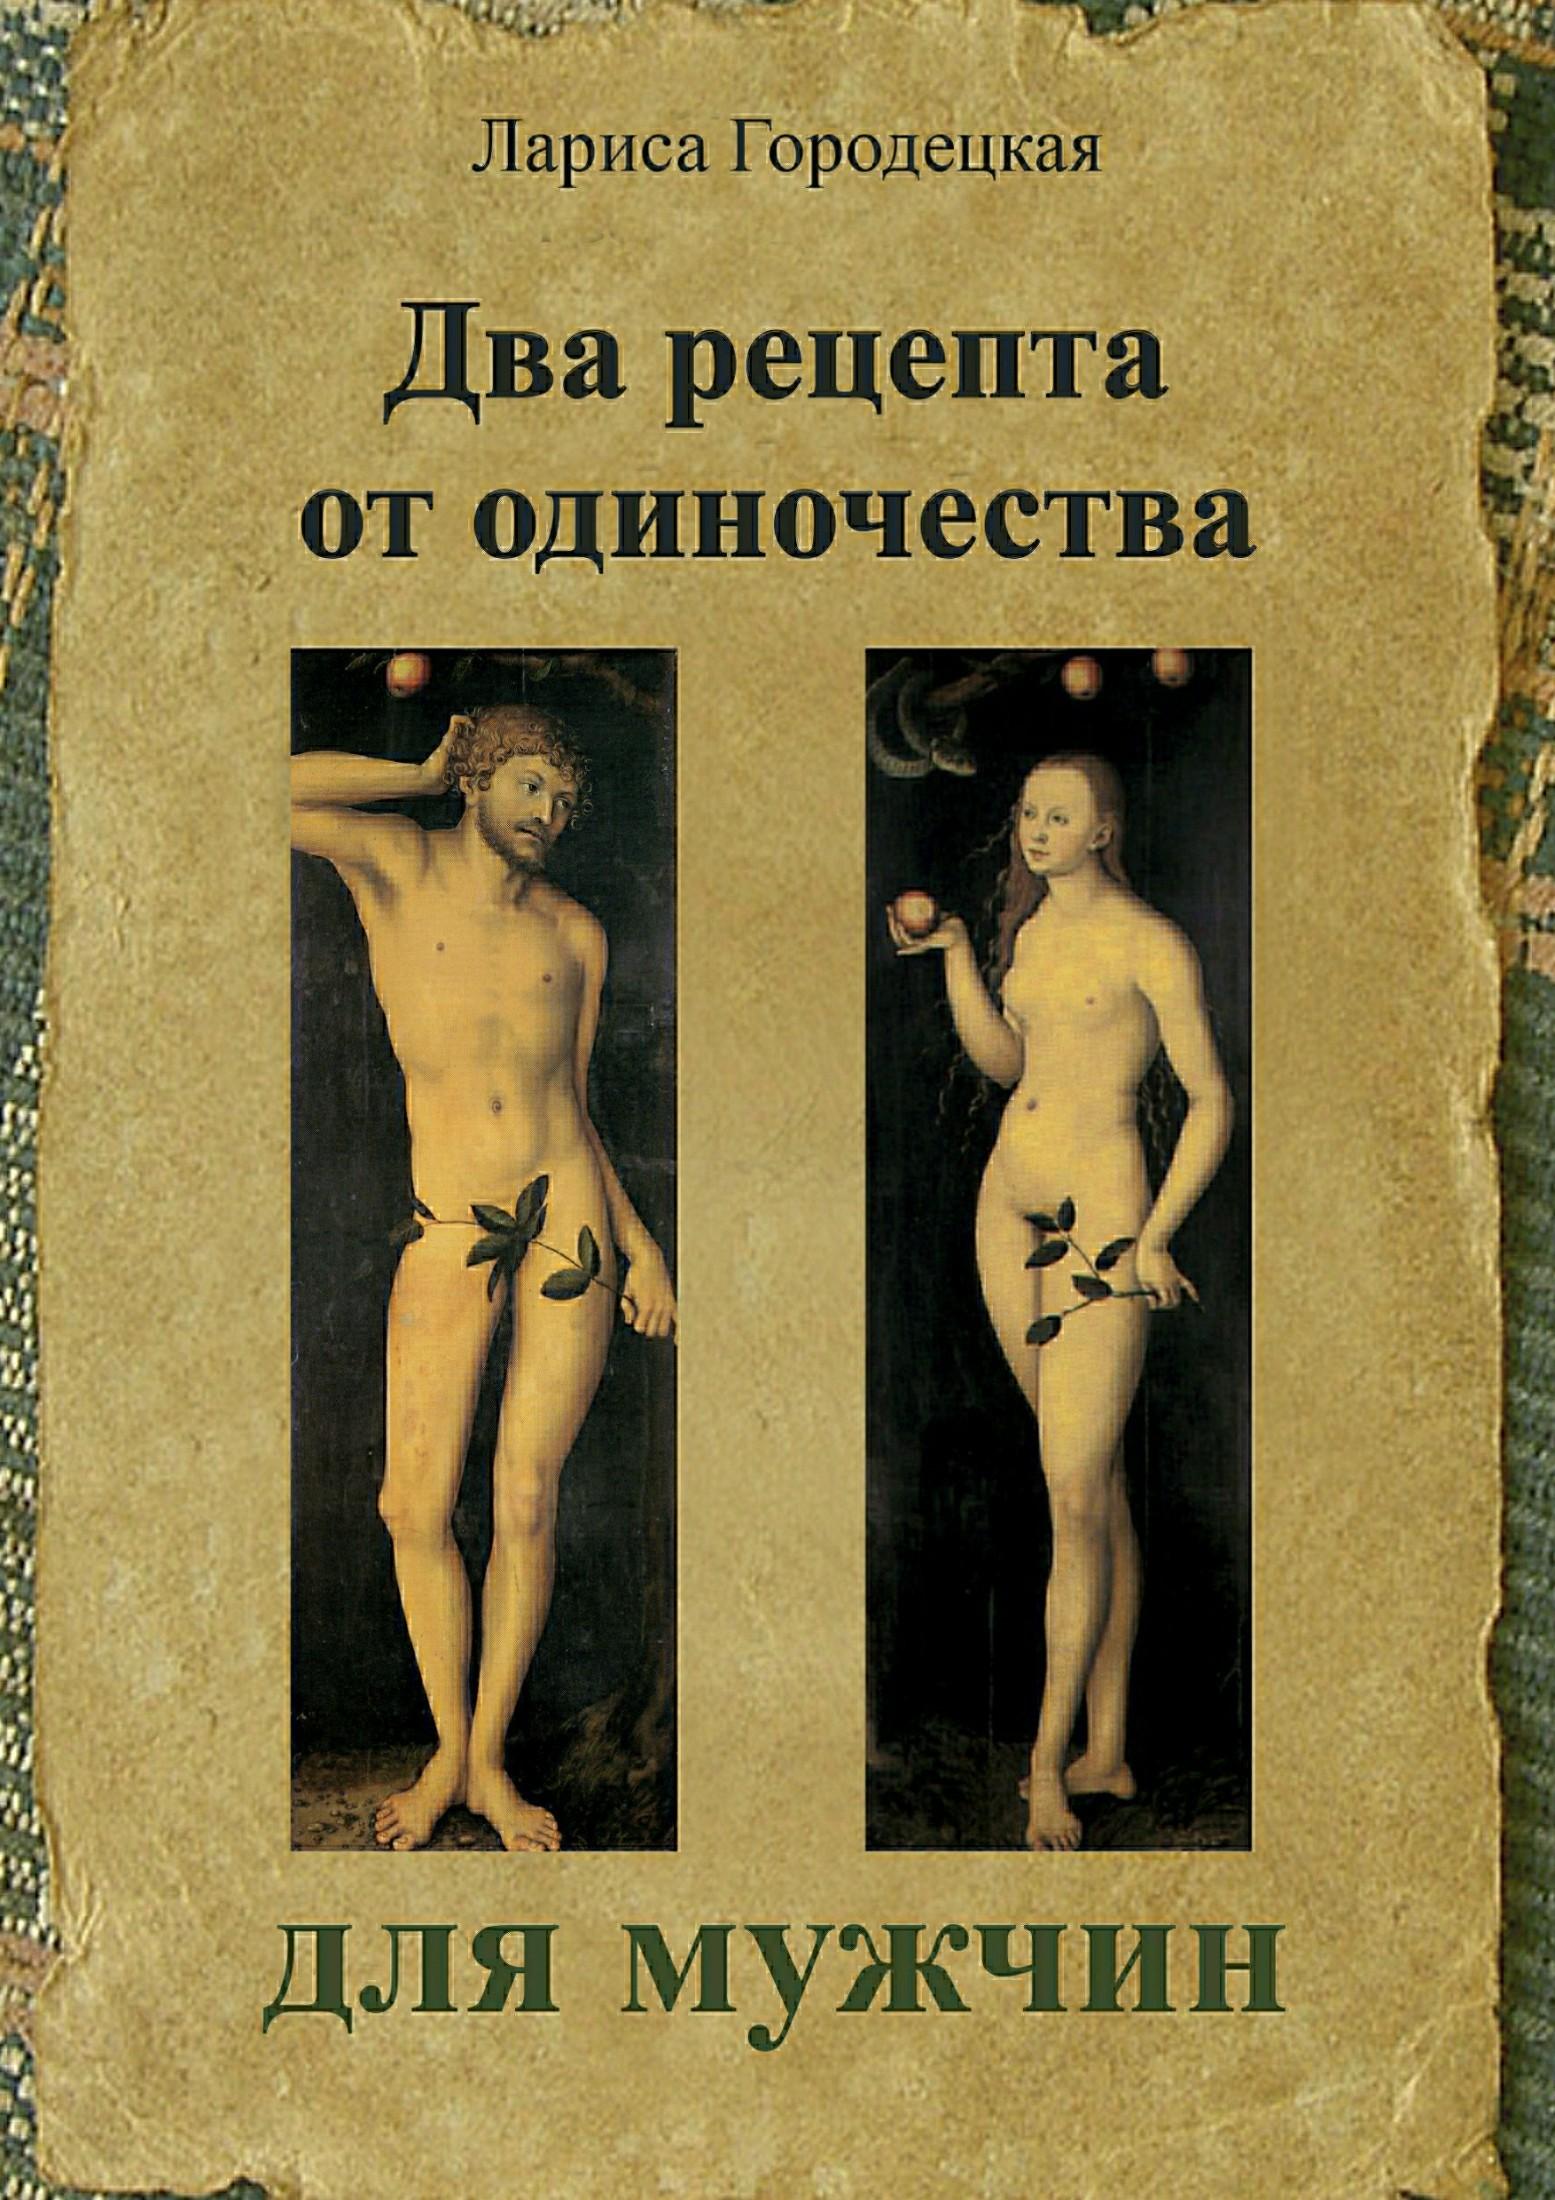 Лариса Городецкая - Два рецепта от одиночества для мужчин